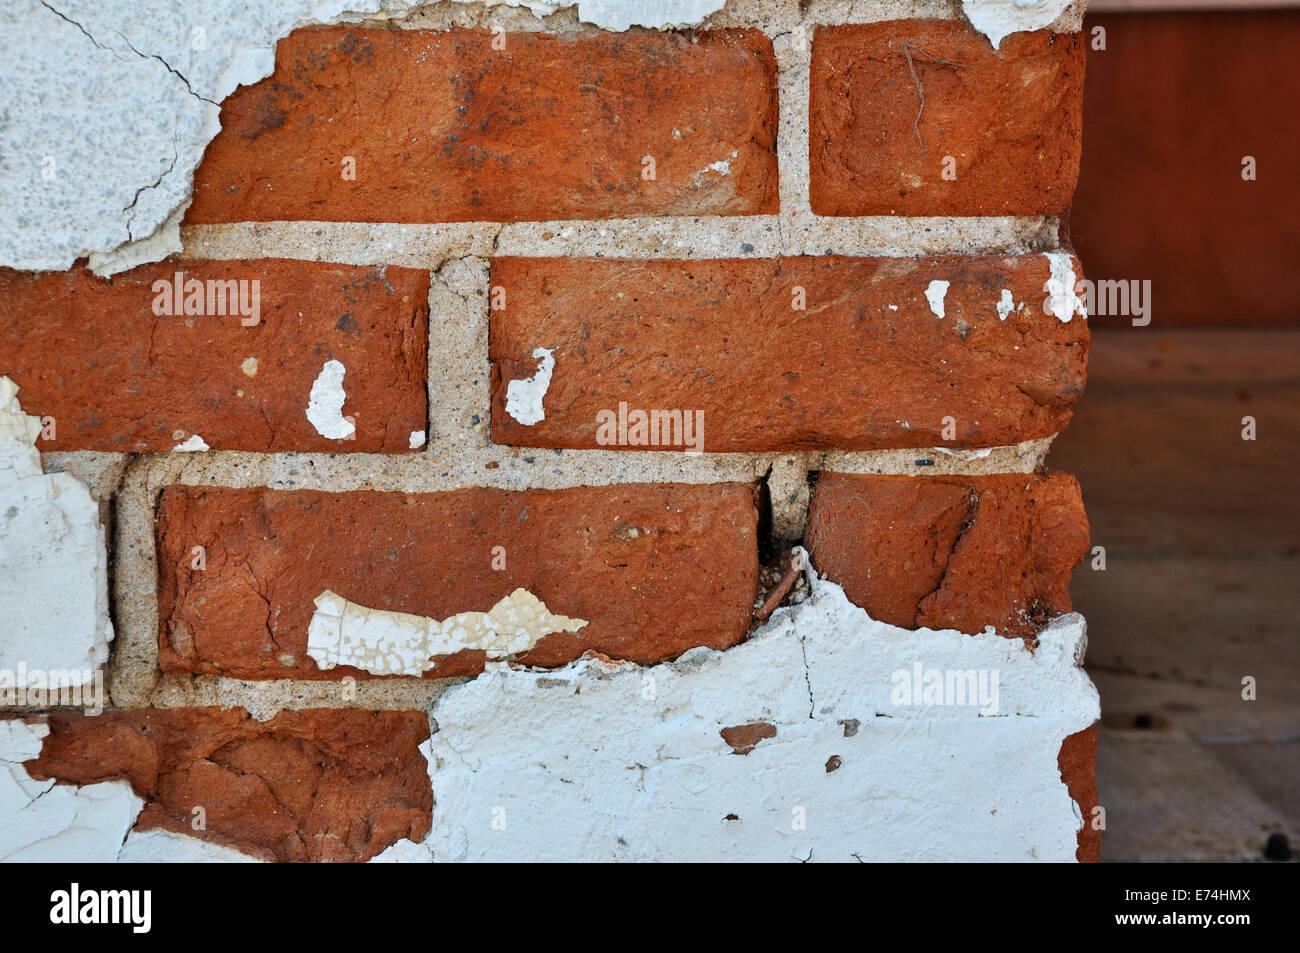 Abgeplatzte Stuck auf Ziegelmauer Stockbild